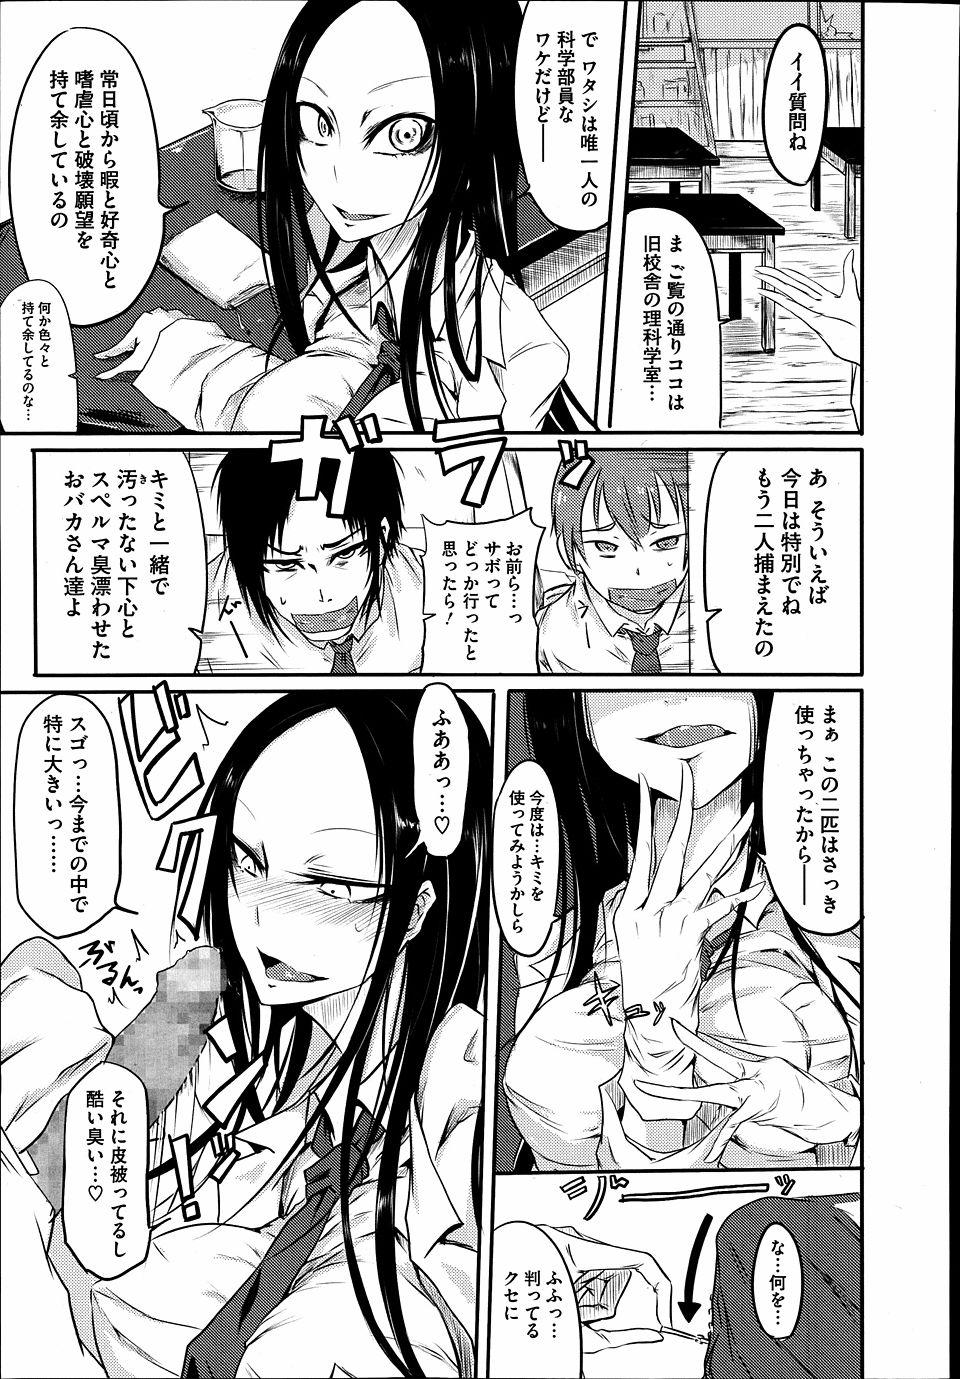 【エロ漫画・エロ同人】巨乳の科学部員に拘束されて痴女られてるンゴwww (3)